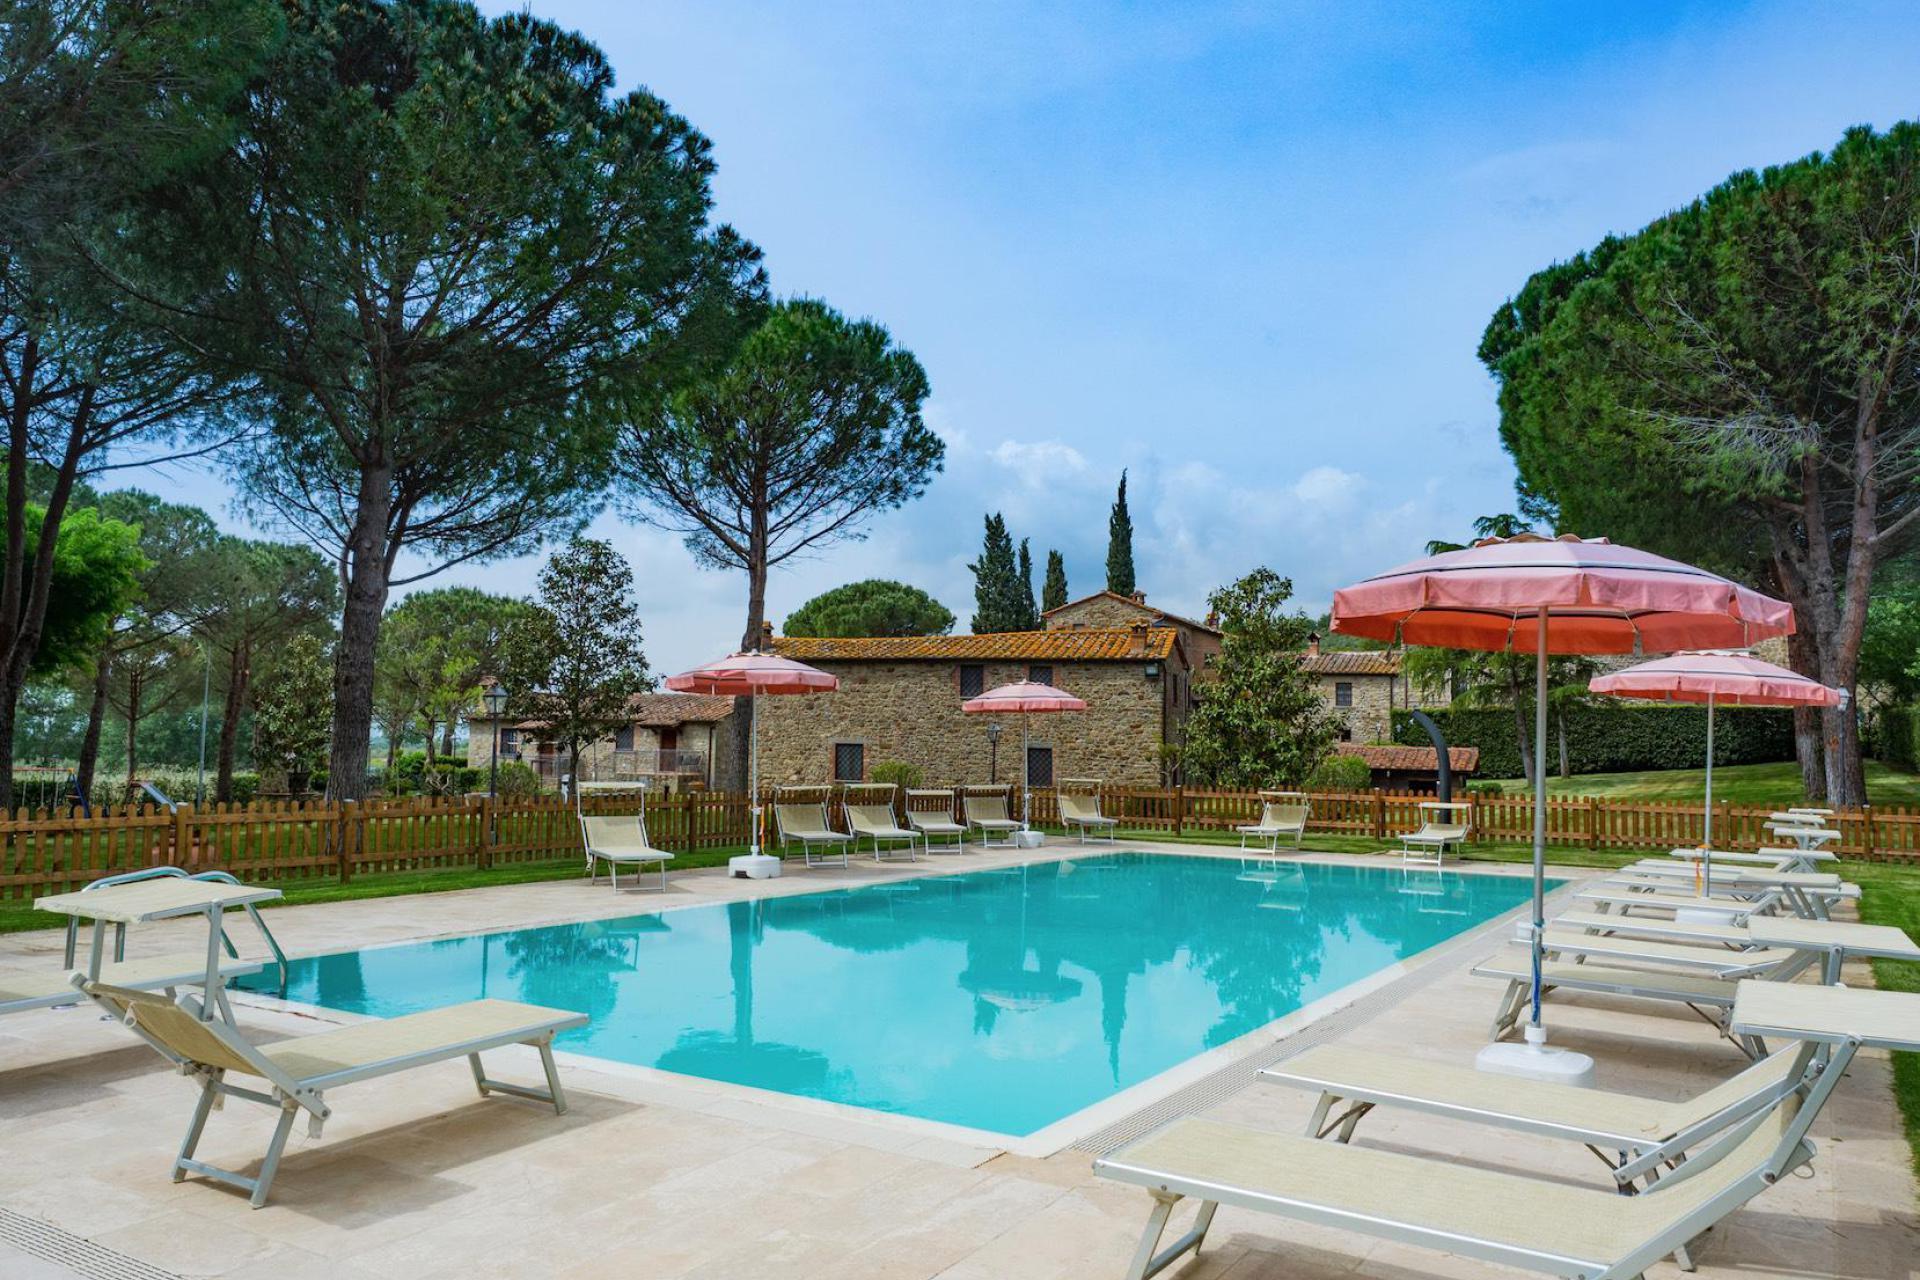 Agriturismo Puglia Mooie trullo met eigen zwembad in olijfgaard